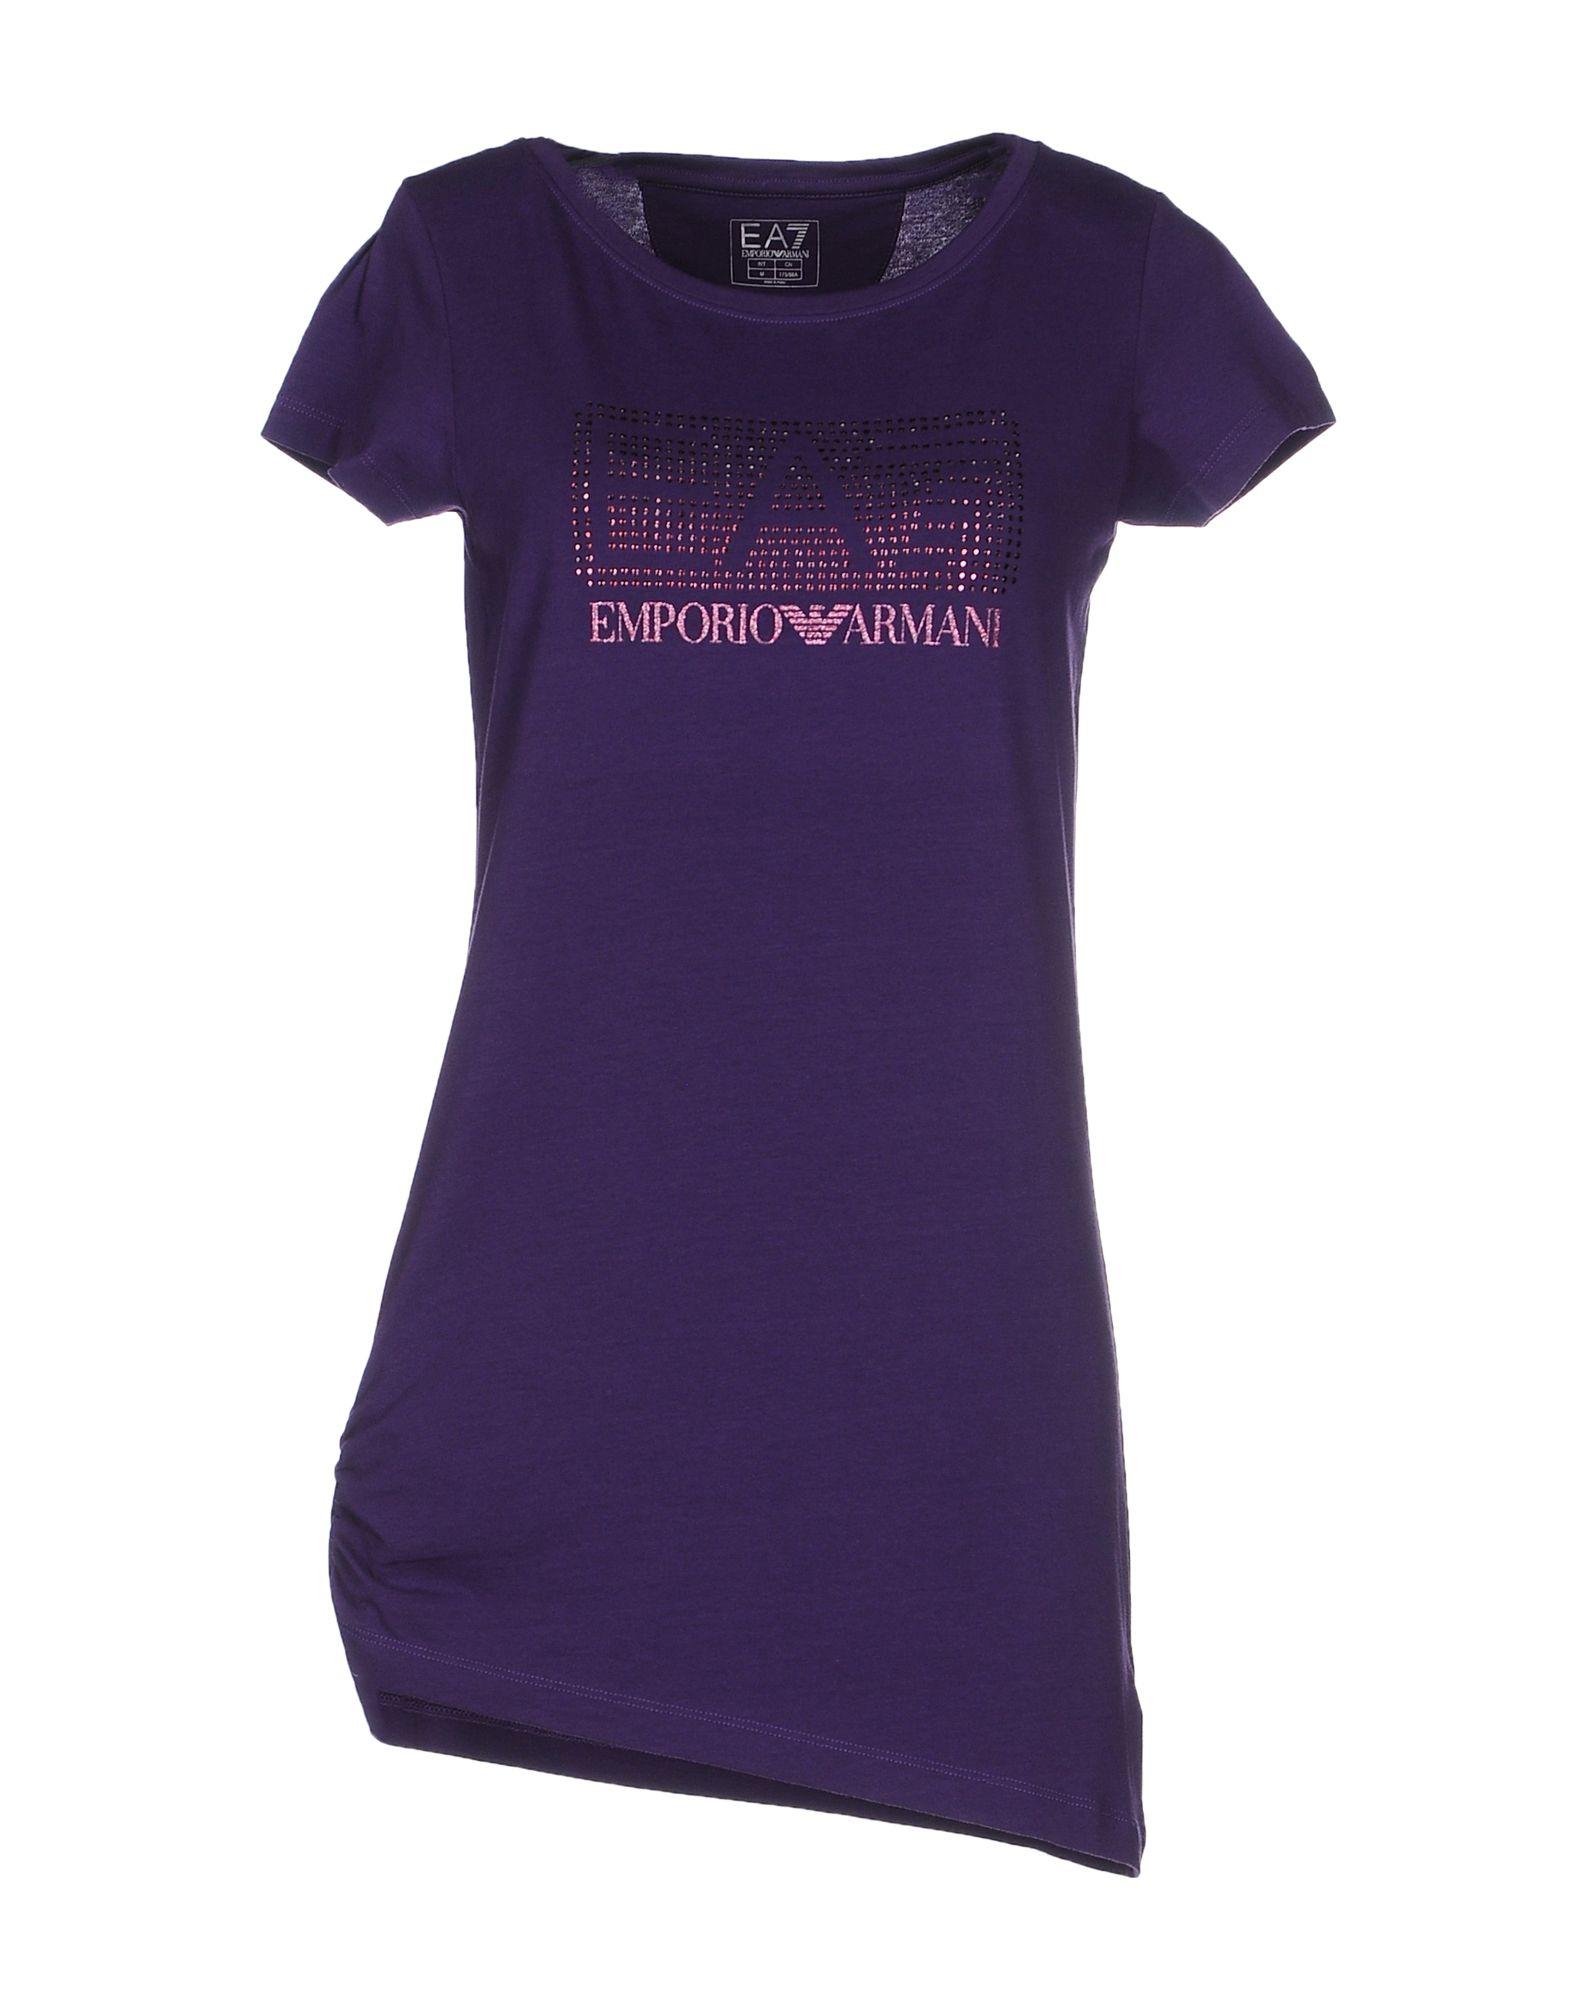 Ea7 T-shirt in Purple (Dark purple) | Lyst